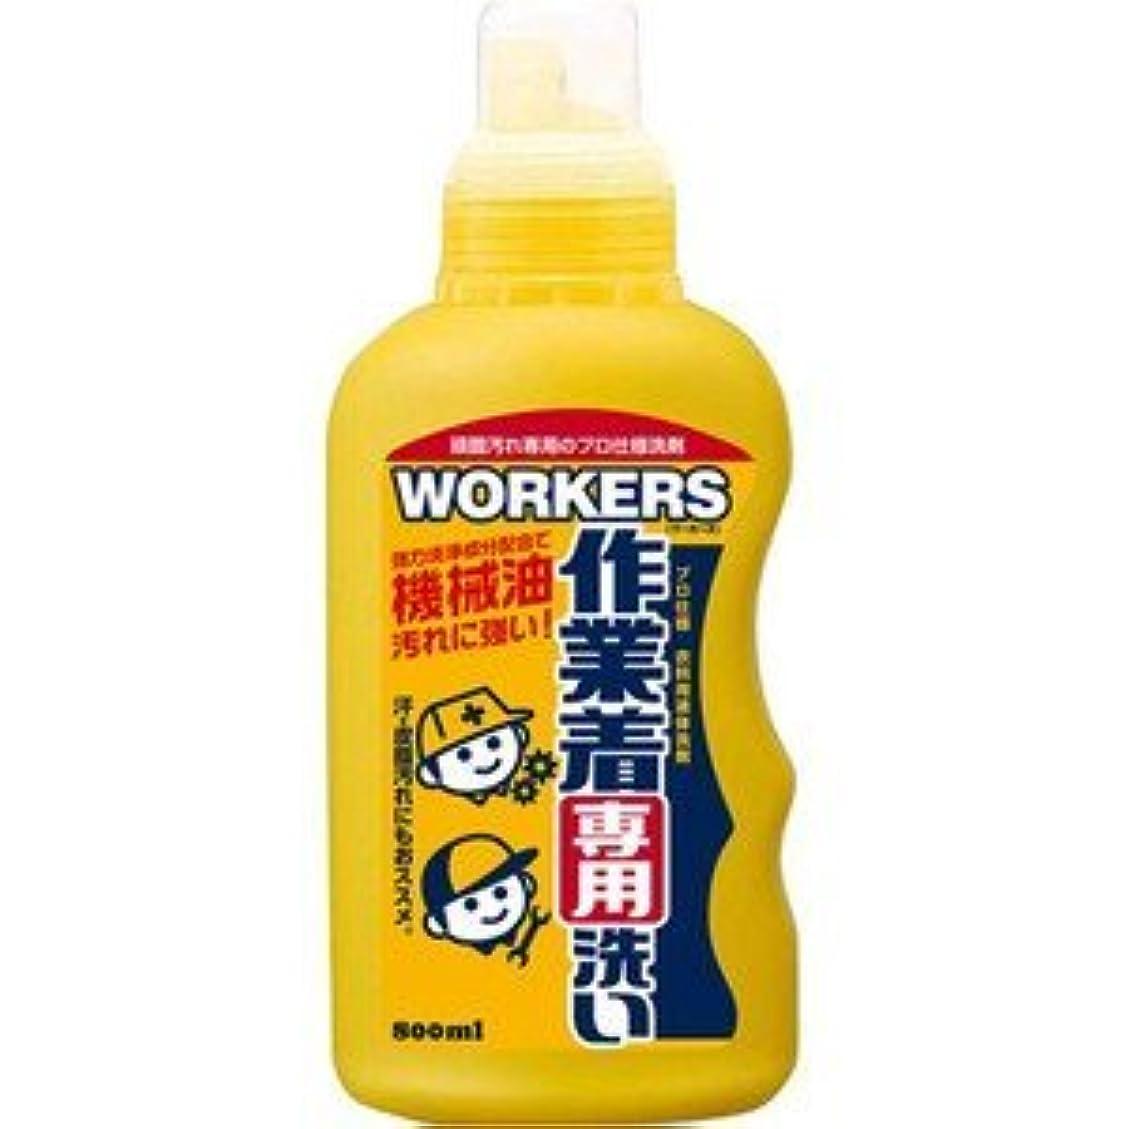 焦げ捨てる前書き(NSファーファ?ジャパン)WORKERS 作業着液体洗剤 本体 800ml(お買い得3個セット)